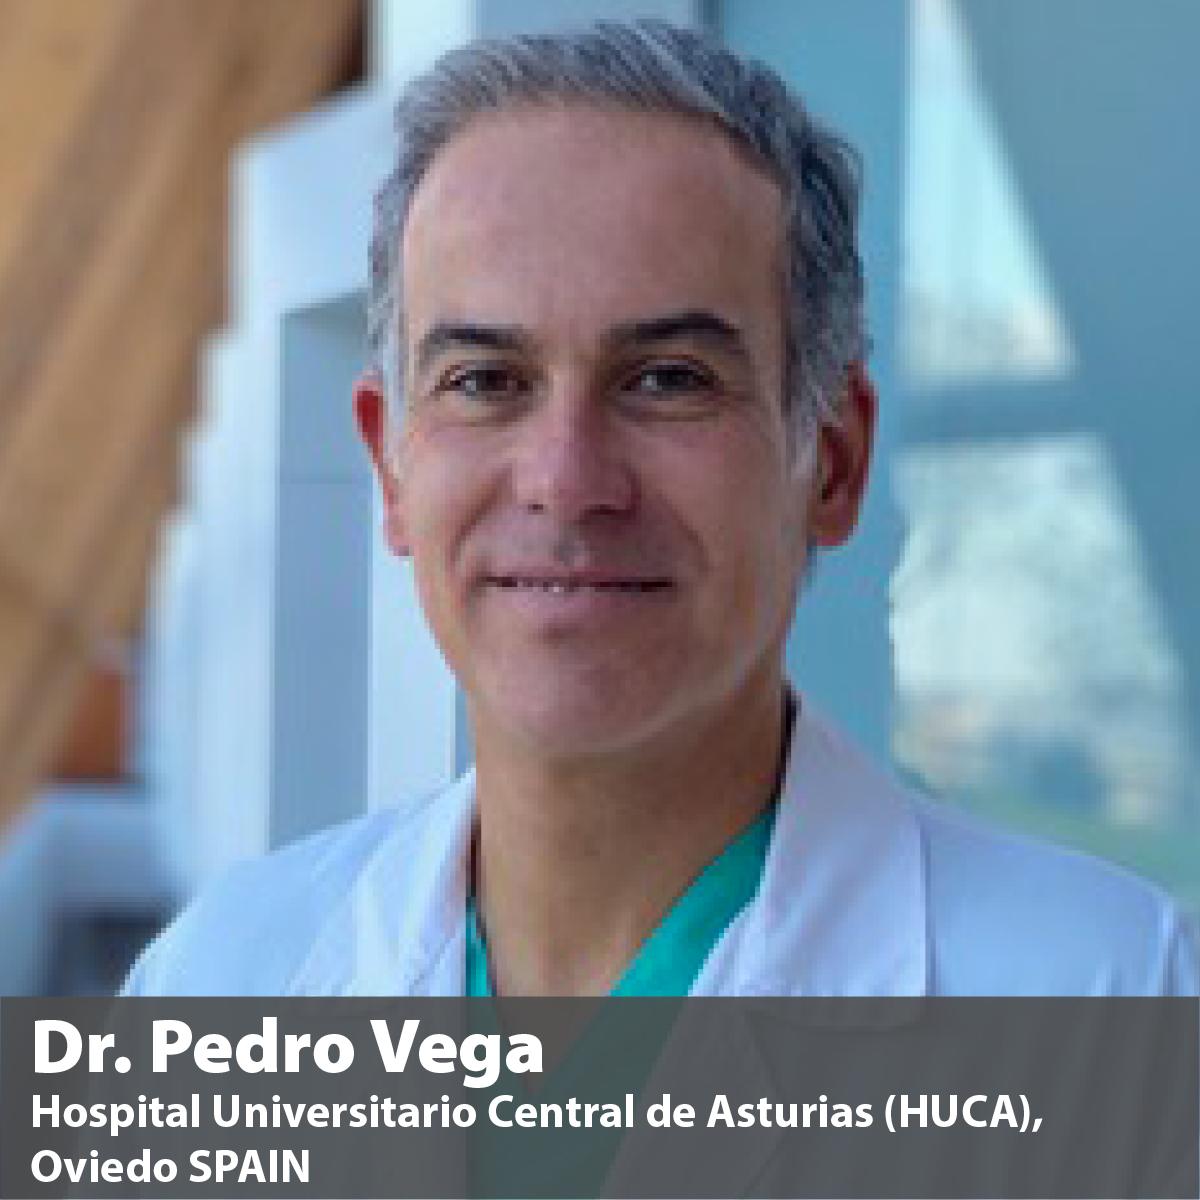 e-Fellowship Mentor Dr. Pedro Vega